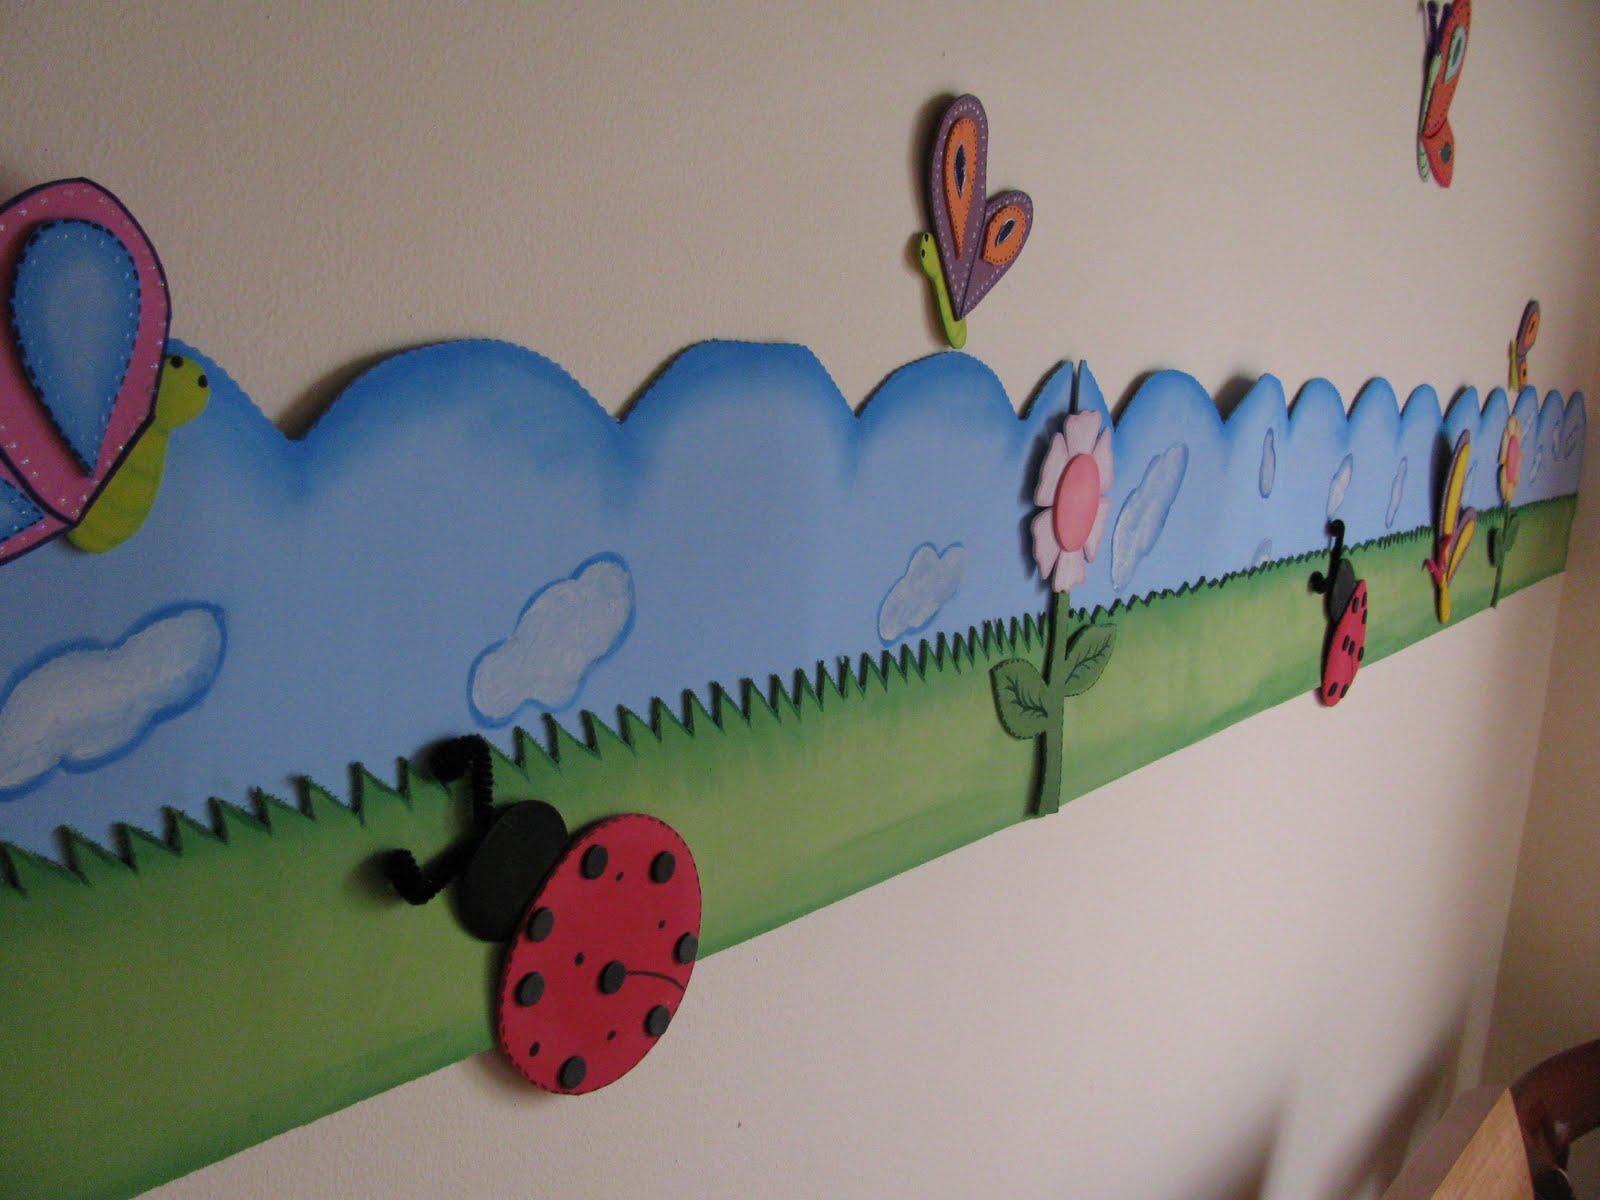 Como hacer cenefas infantiles para decorar la habitaci n - Cenefas de papel infantiles ...